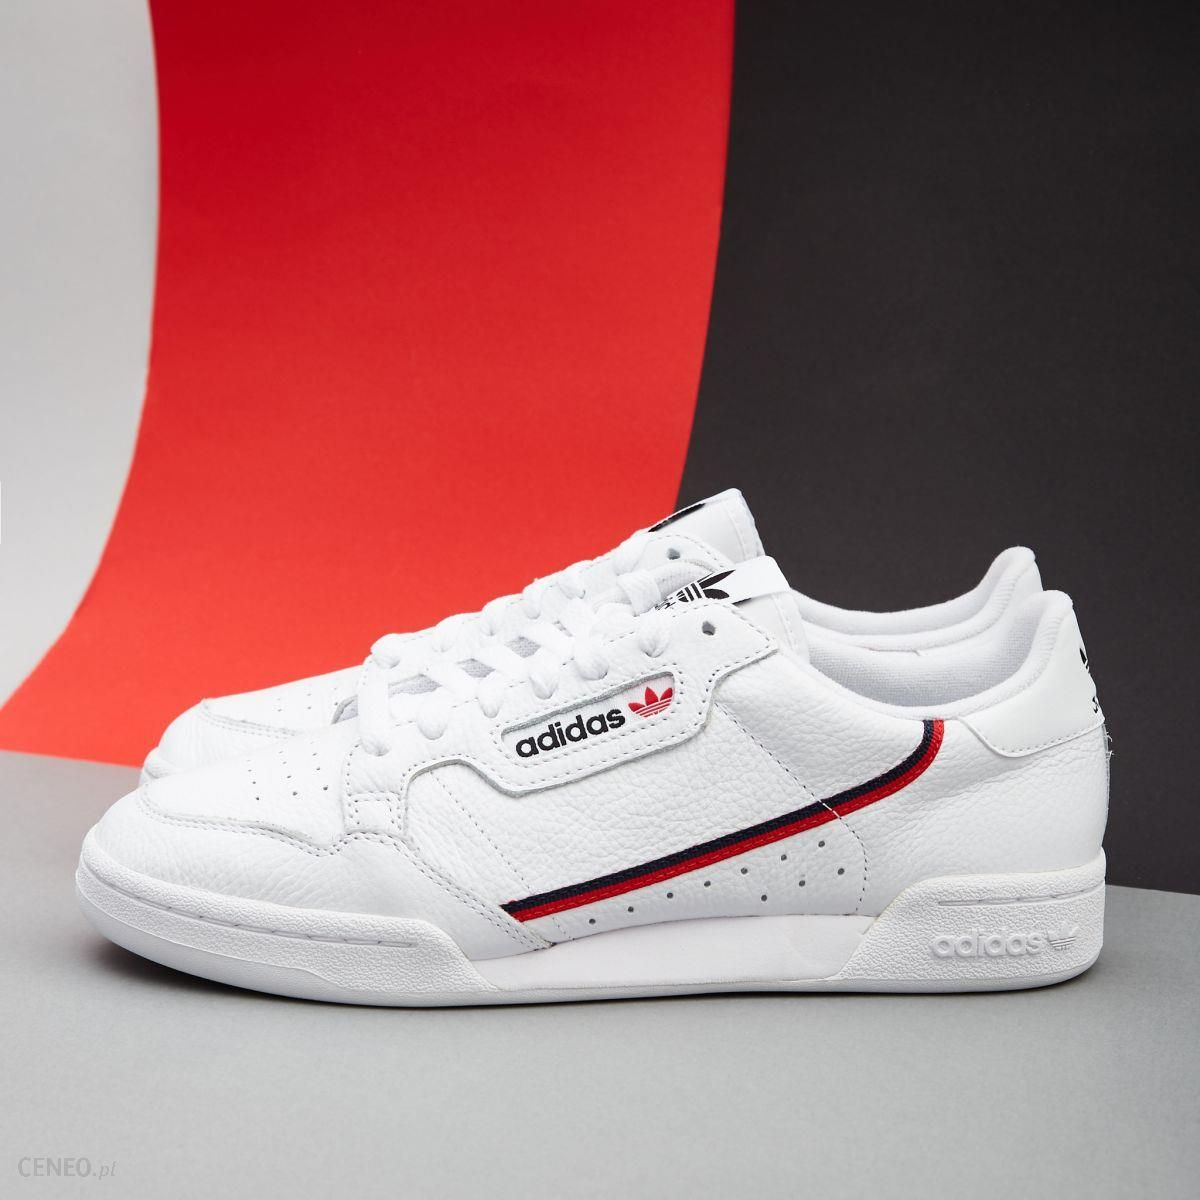 niska cena najlepsza wartość świetna jakość Adidas CONTINENTAL 80 G27706 - Ceny i opinie - Ceneo.pl